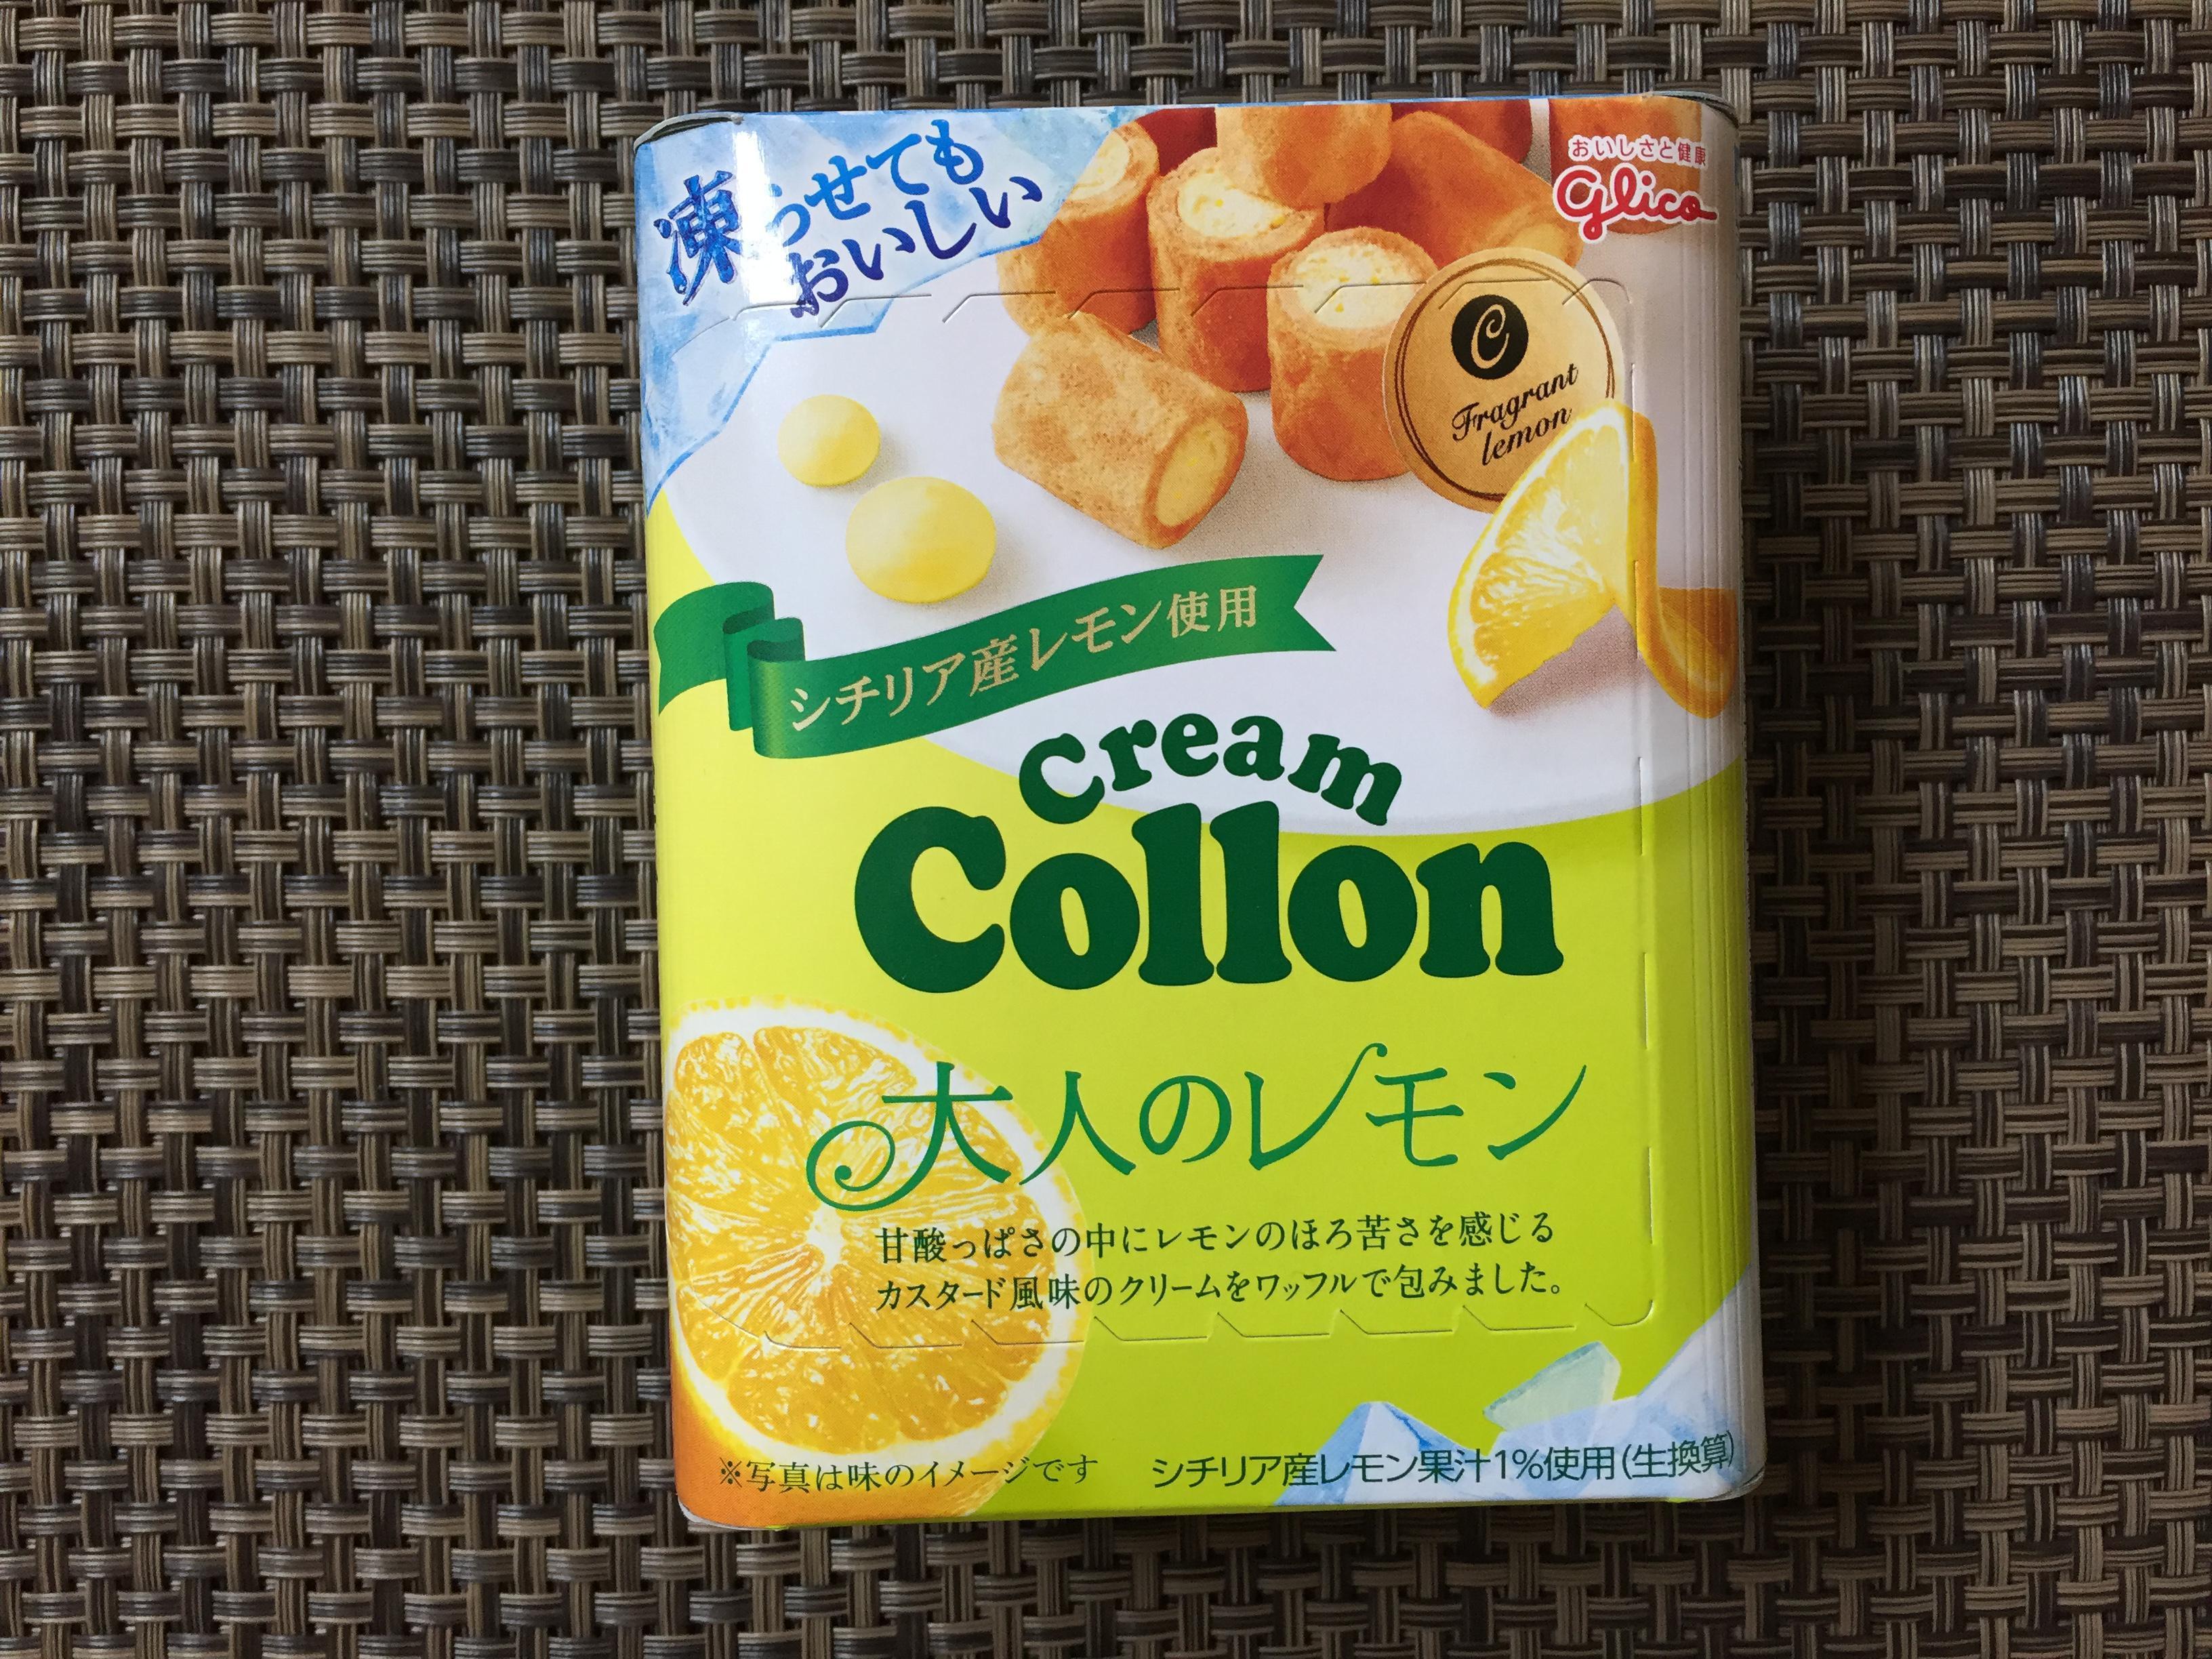 시칠리아 레몬크림의 상큼함, [glico] Cream Co..